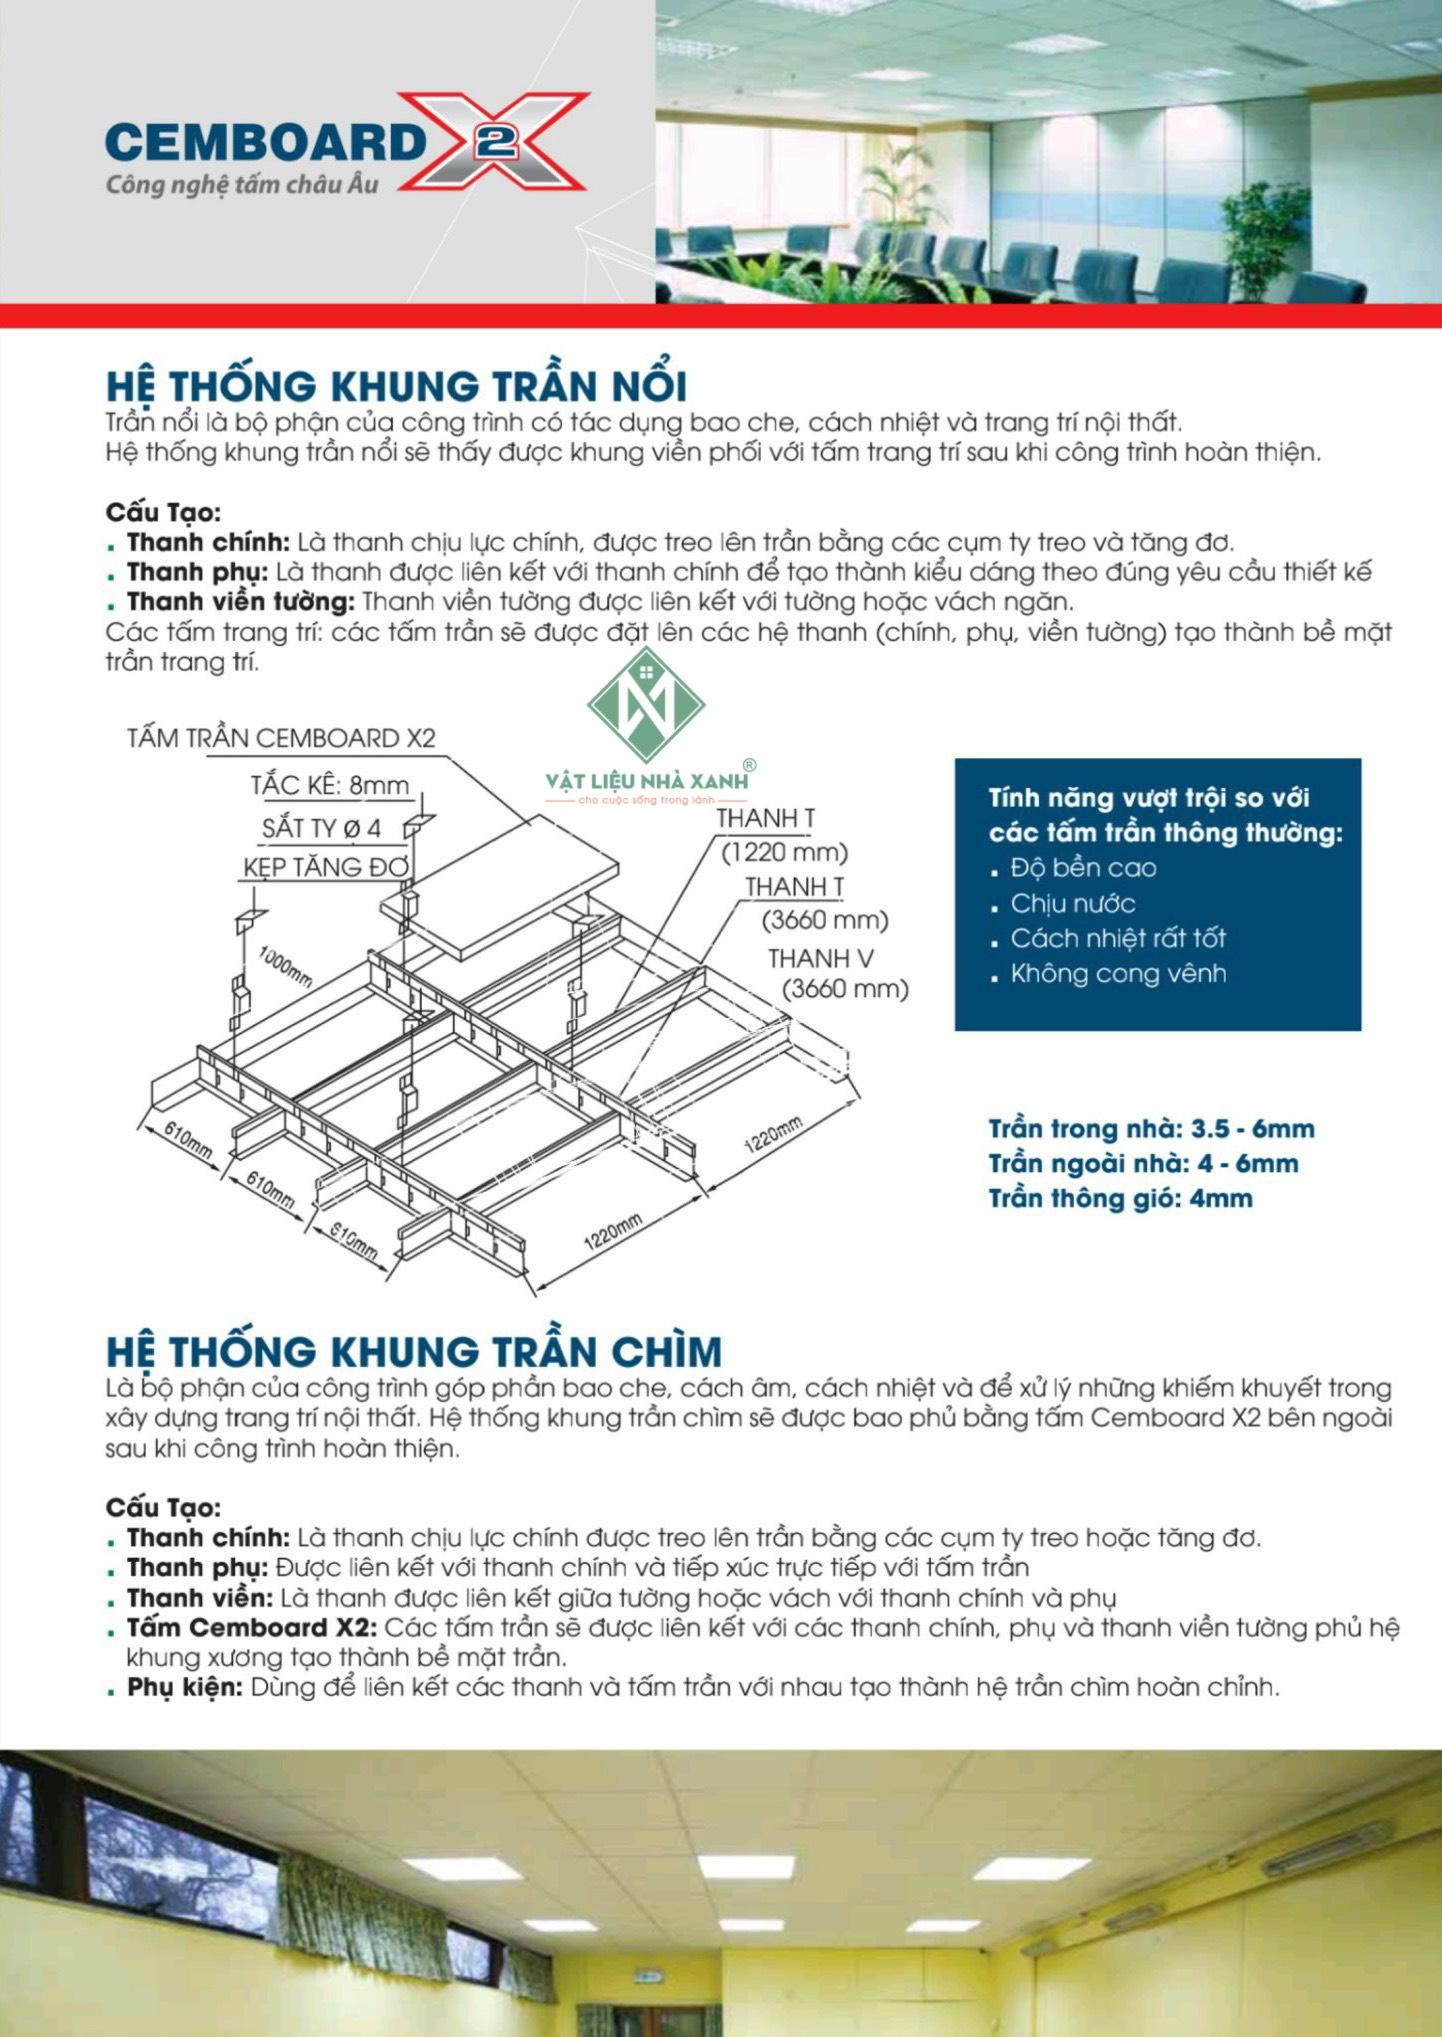 Tấm Xi Măng cho hệ thống khung trần nổi